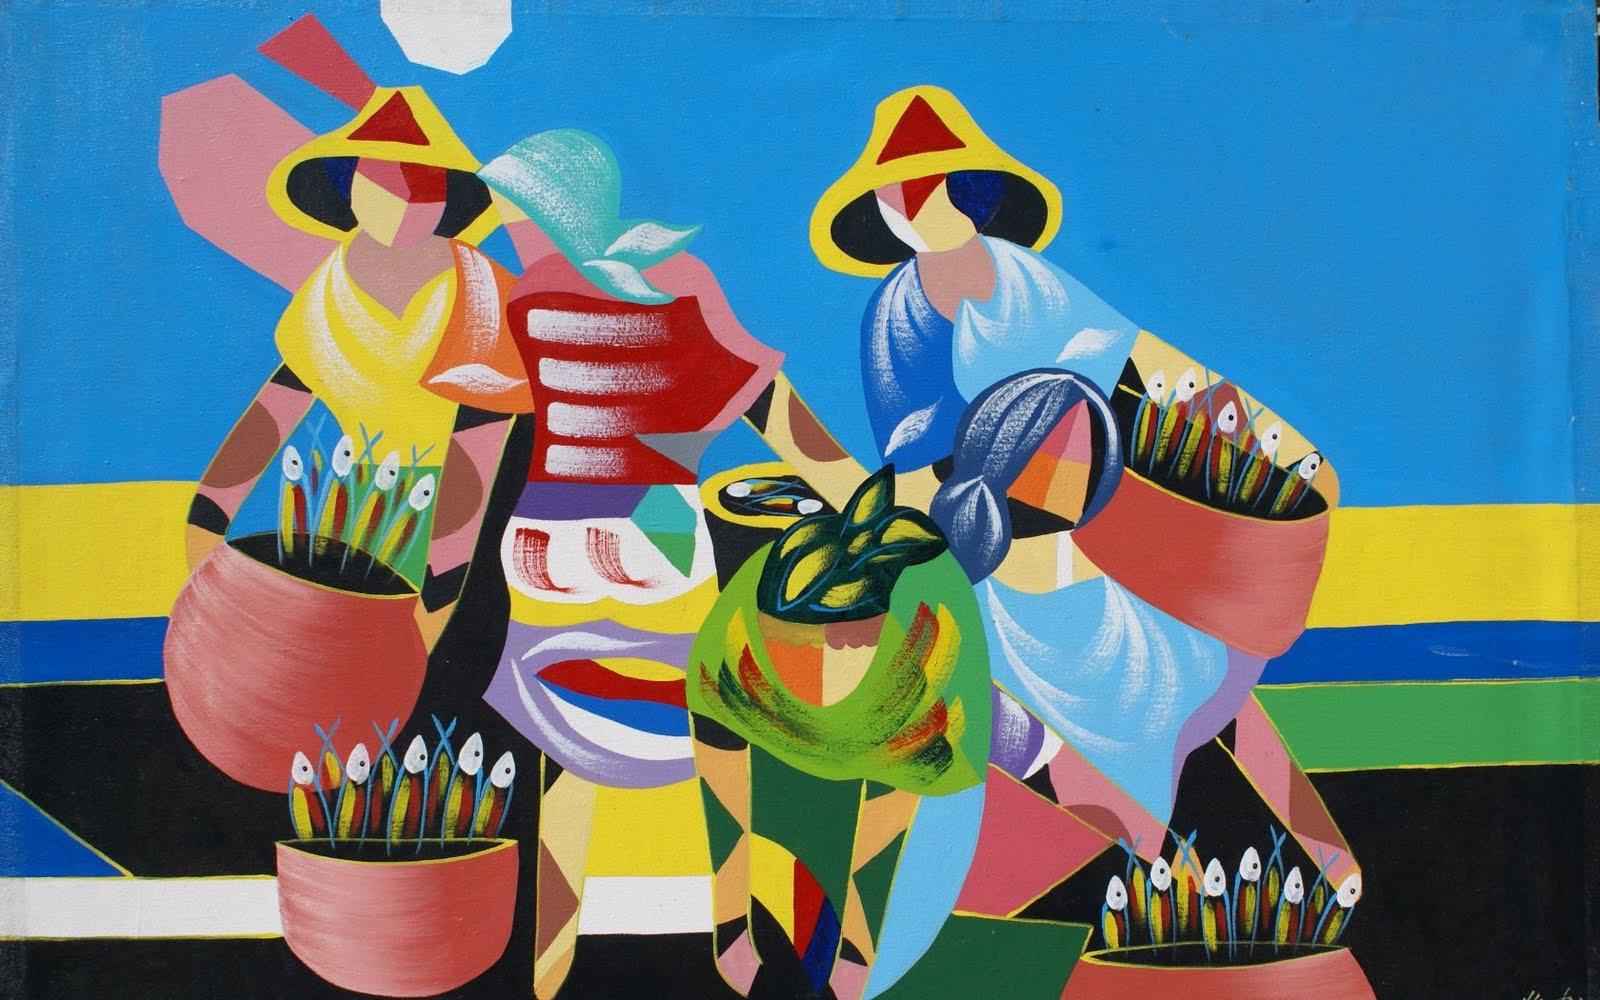 filipino culture wallpaper - photo #1